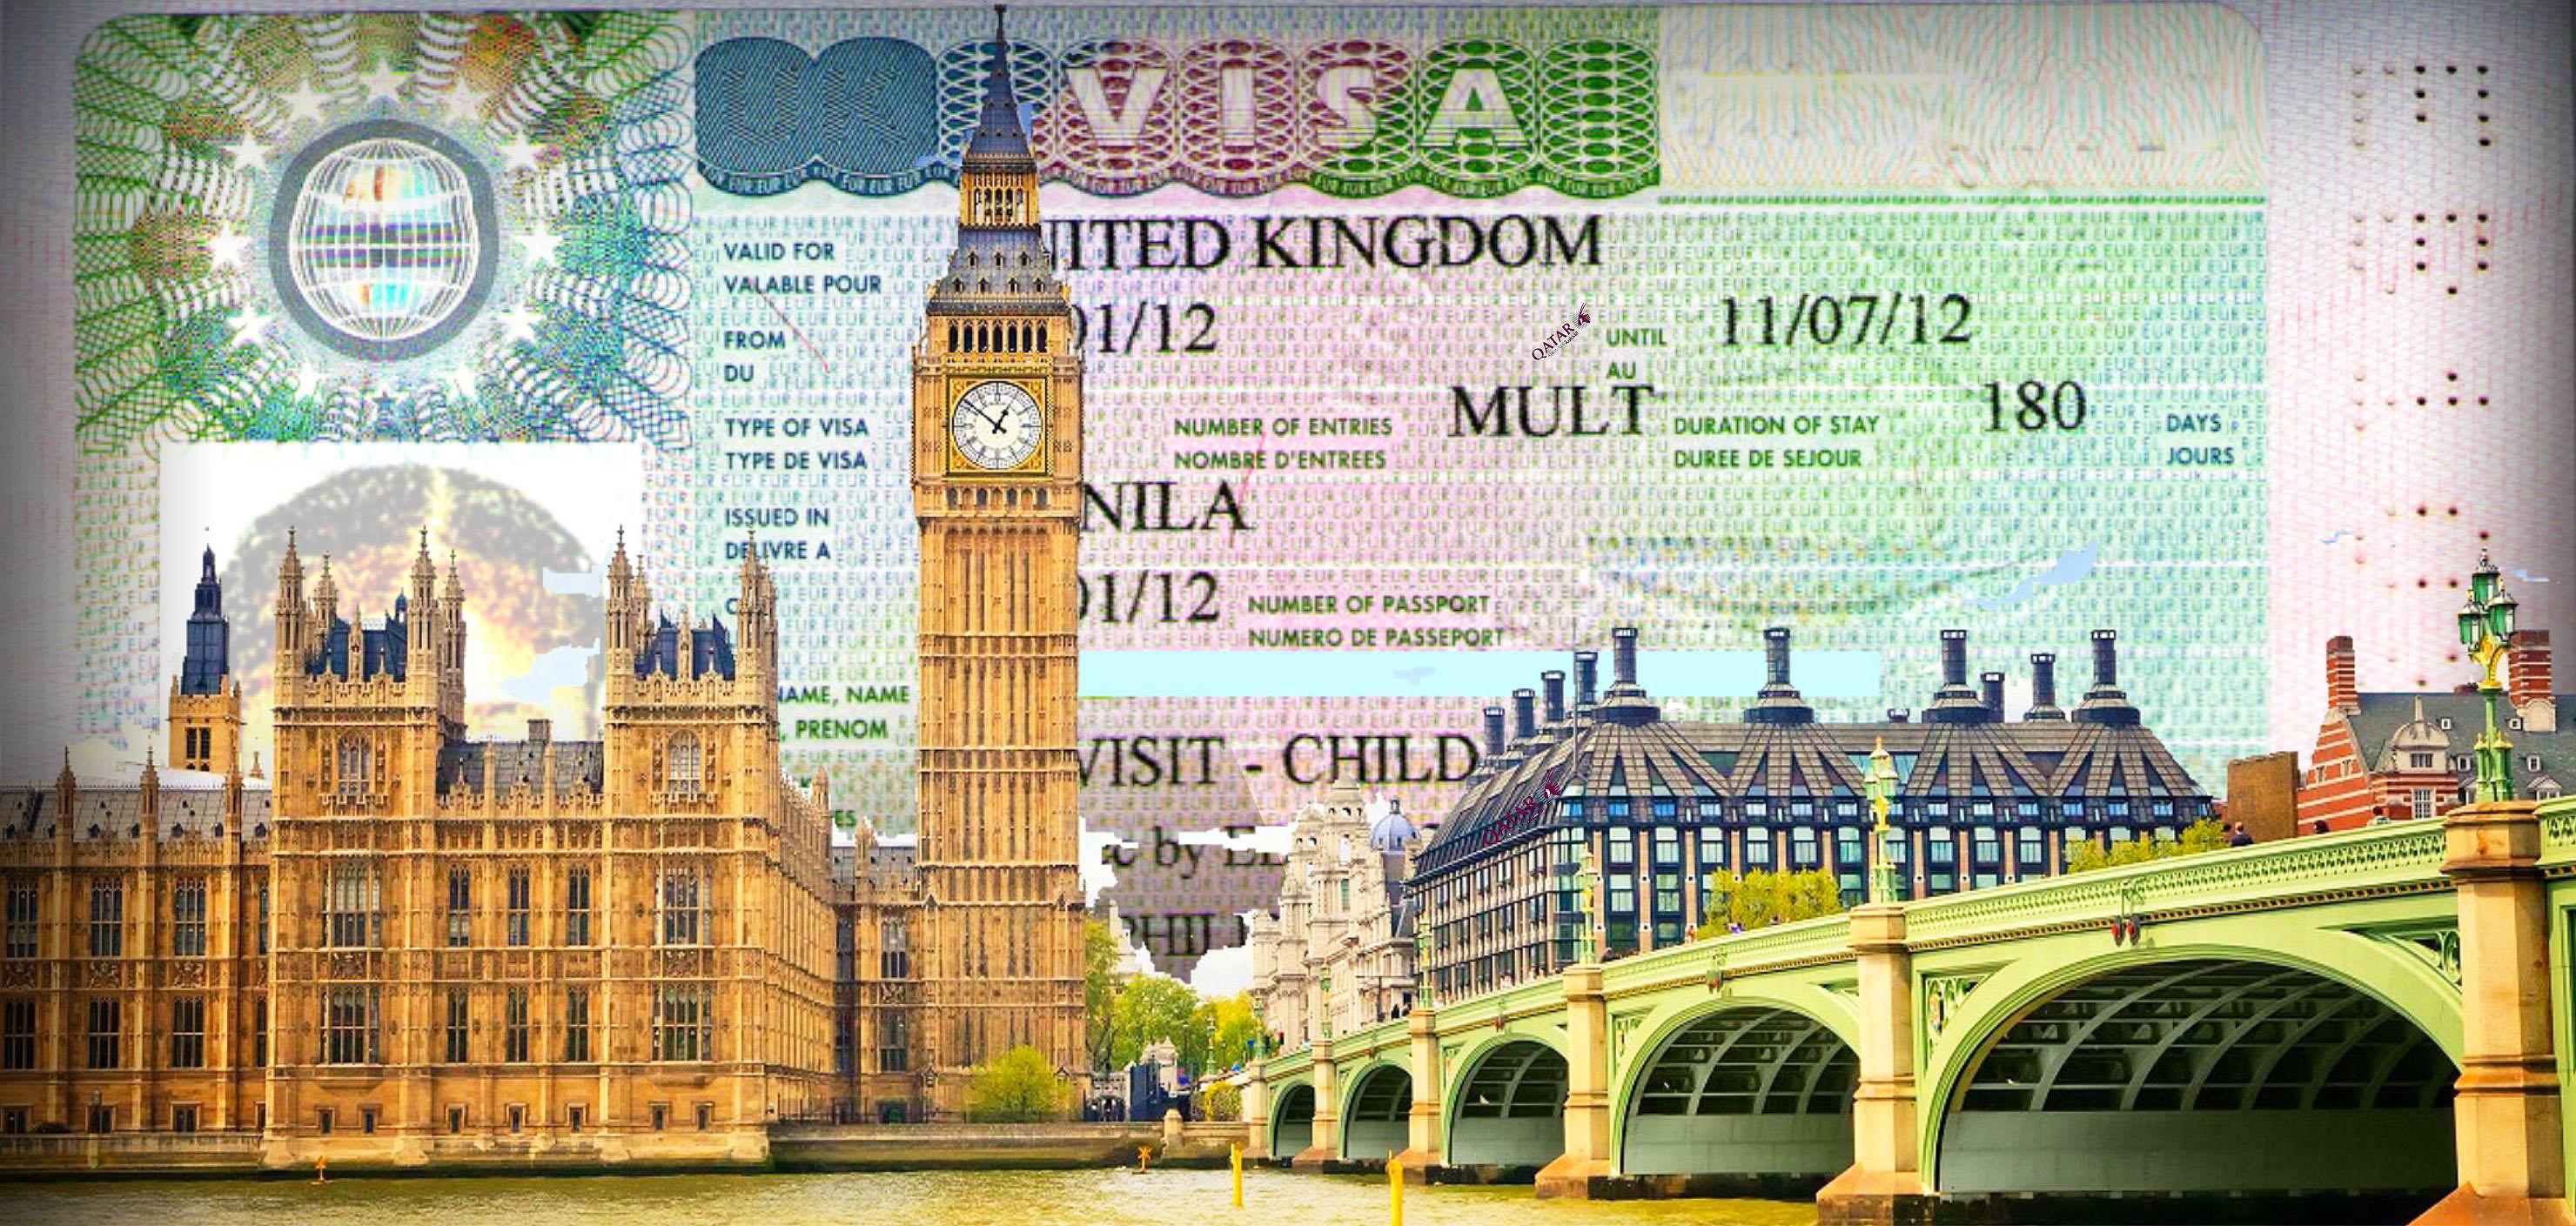 britanya turu için ingiltere vizesi